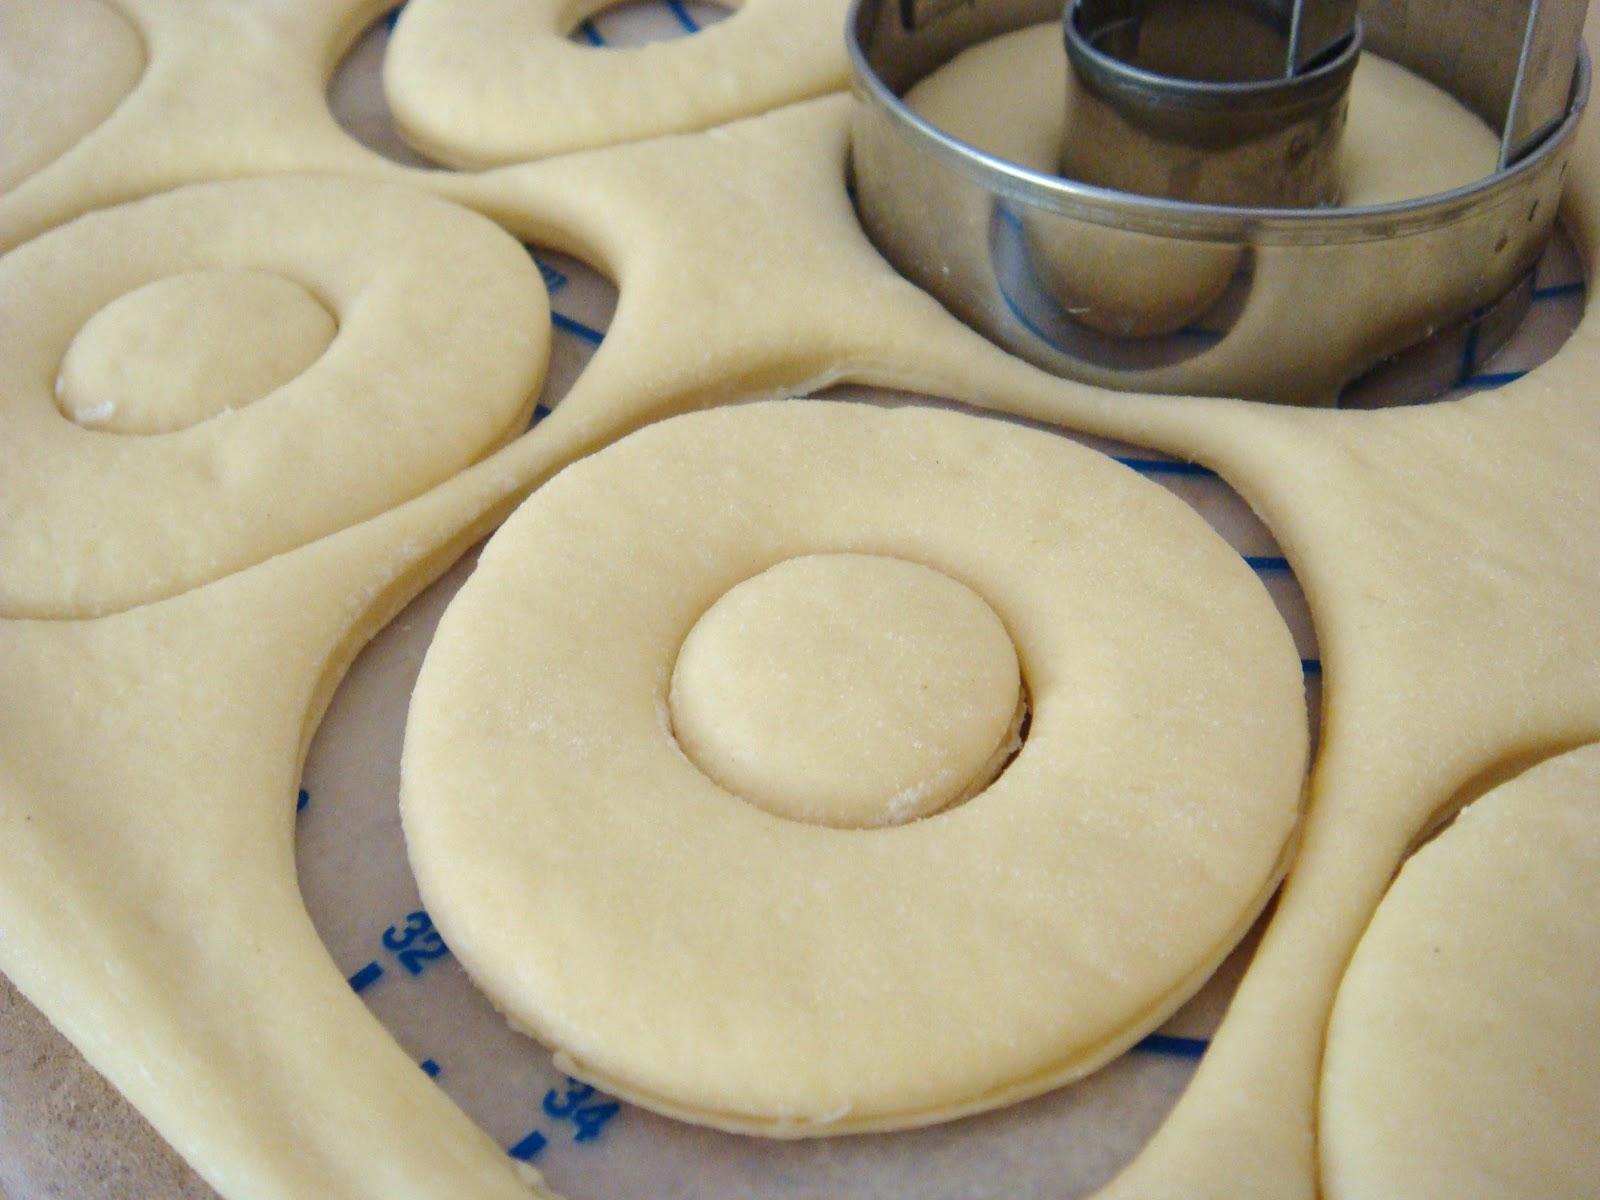 http://3.bp.blogspot.com/-ktuttptYN9U/T8YYFmlN6CI/AAAAAAAADJk/1-Rw2CBisZ0/s1600/fresh-strawberry-glaze-doughnuts-29.jpg